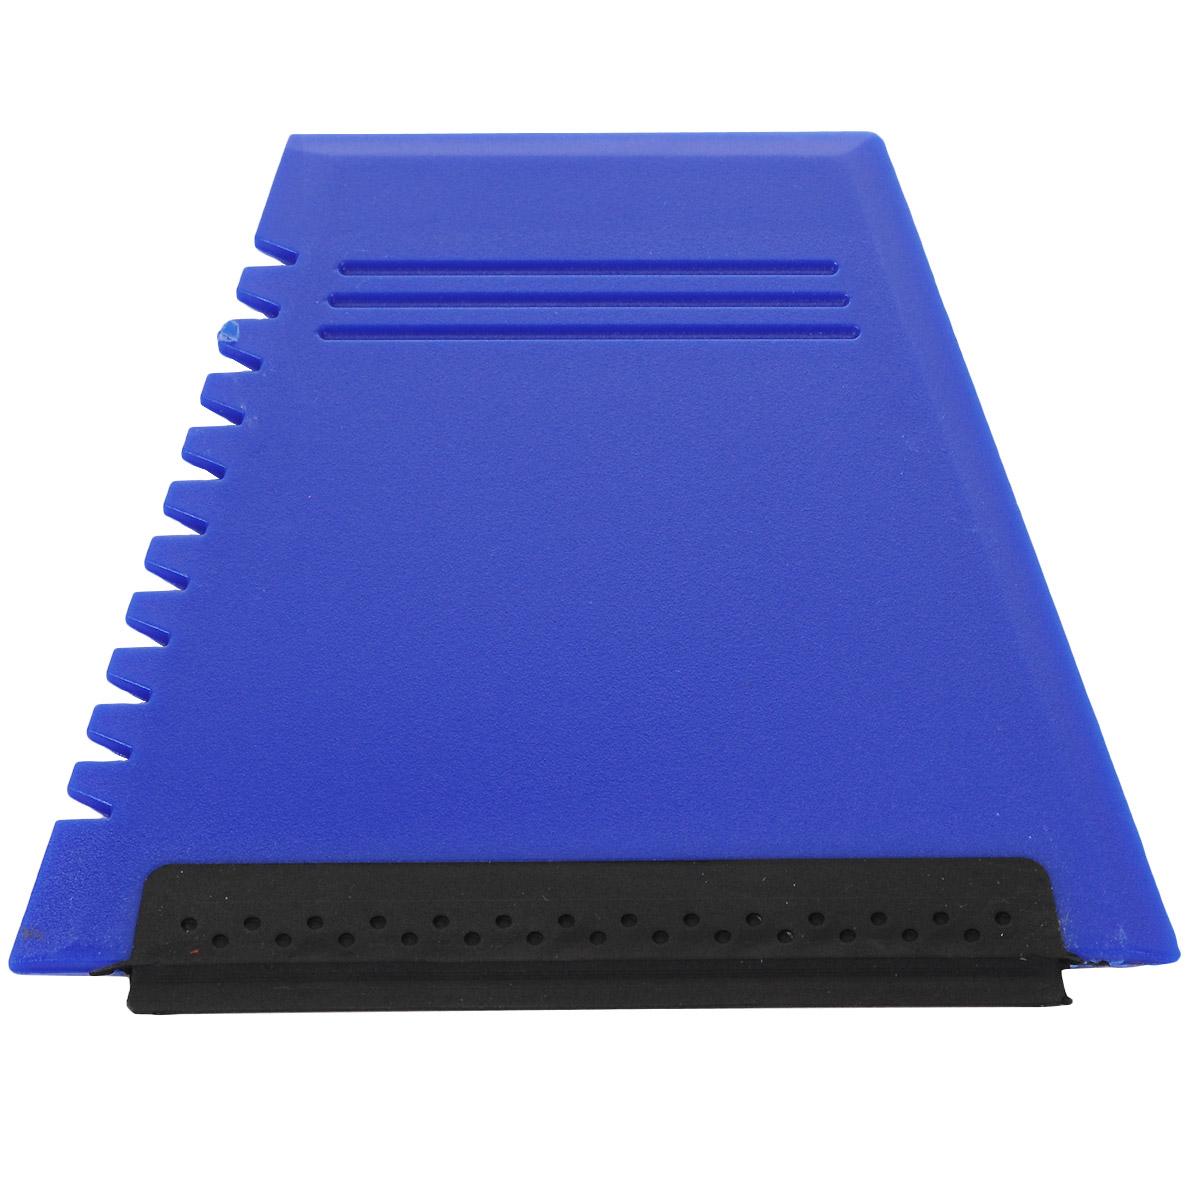 Скребок для уборки снега и льда Clingo, с водосгоном, цвет: синий, 12 x 11 см98298123_черныйУдобный в использовании и хранении скребок Clingo легко справиться со льдом и снегом. С водосгоном.